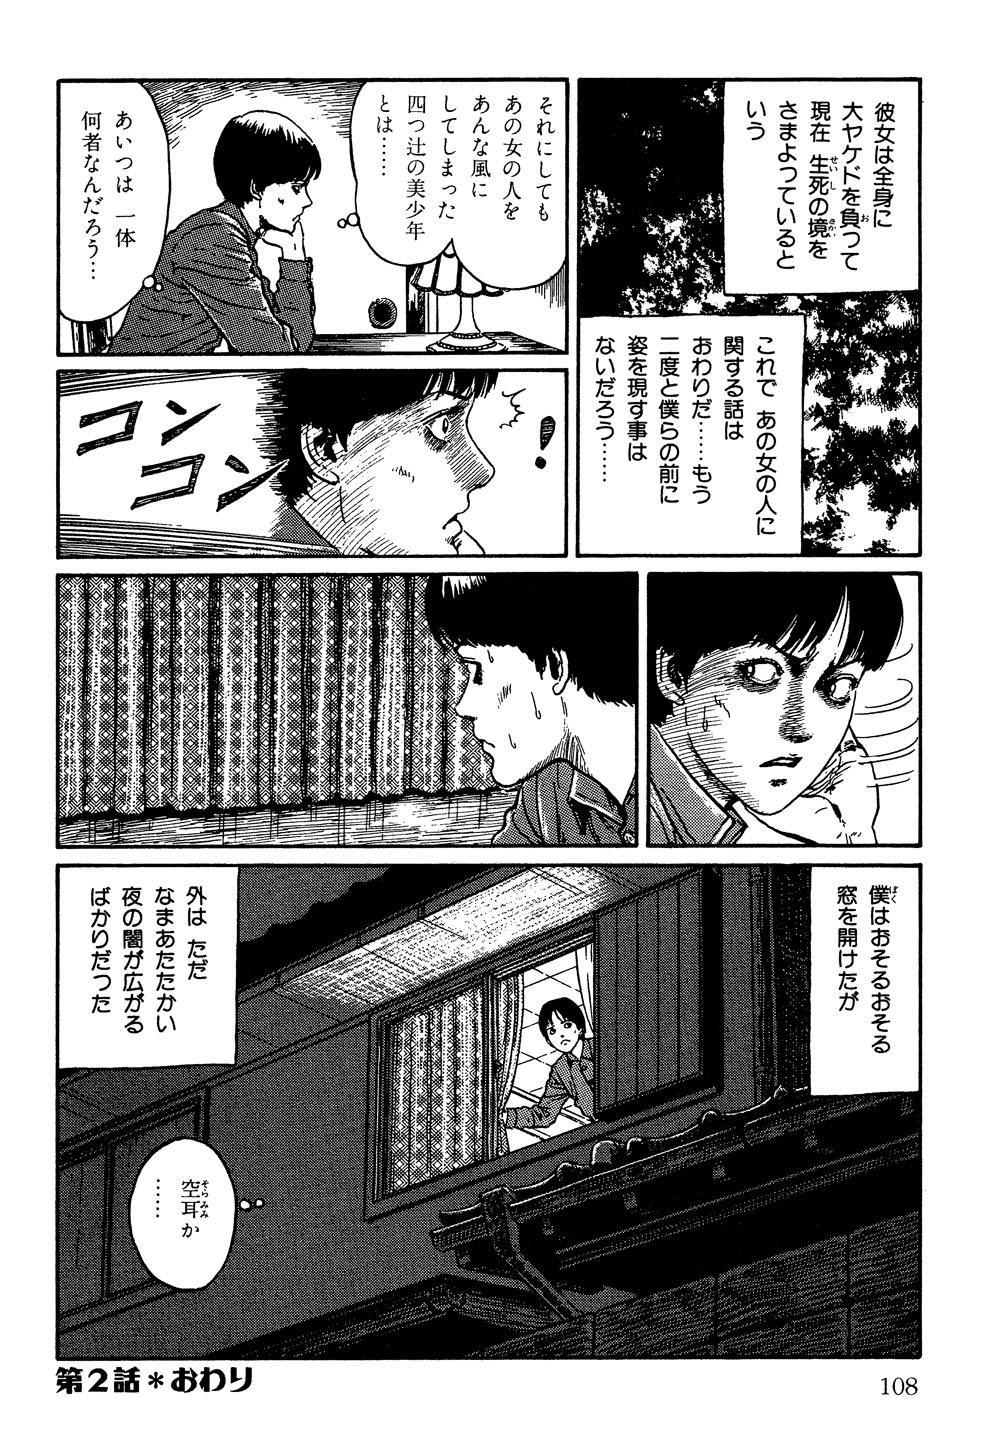 itouj_0004_0110.jpg